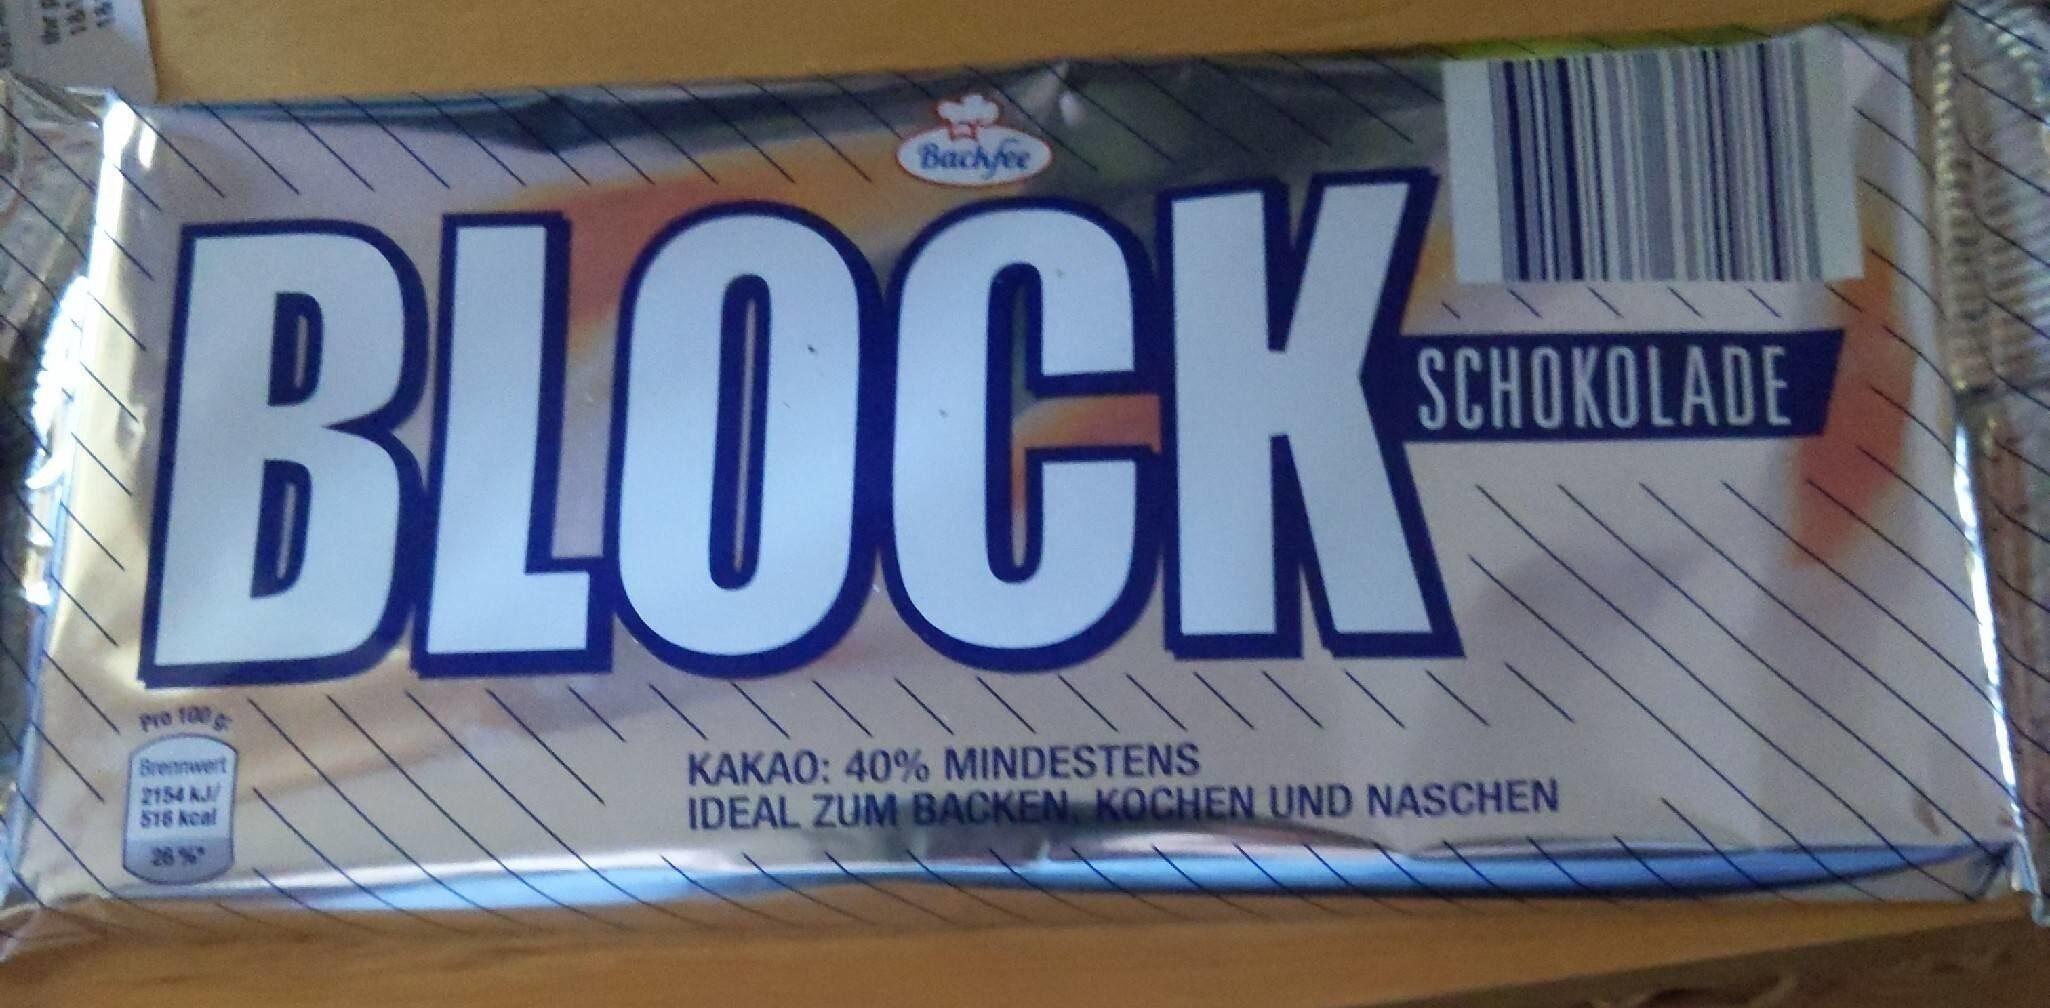 Blockschokolade - Produkt - de